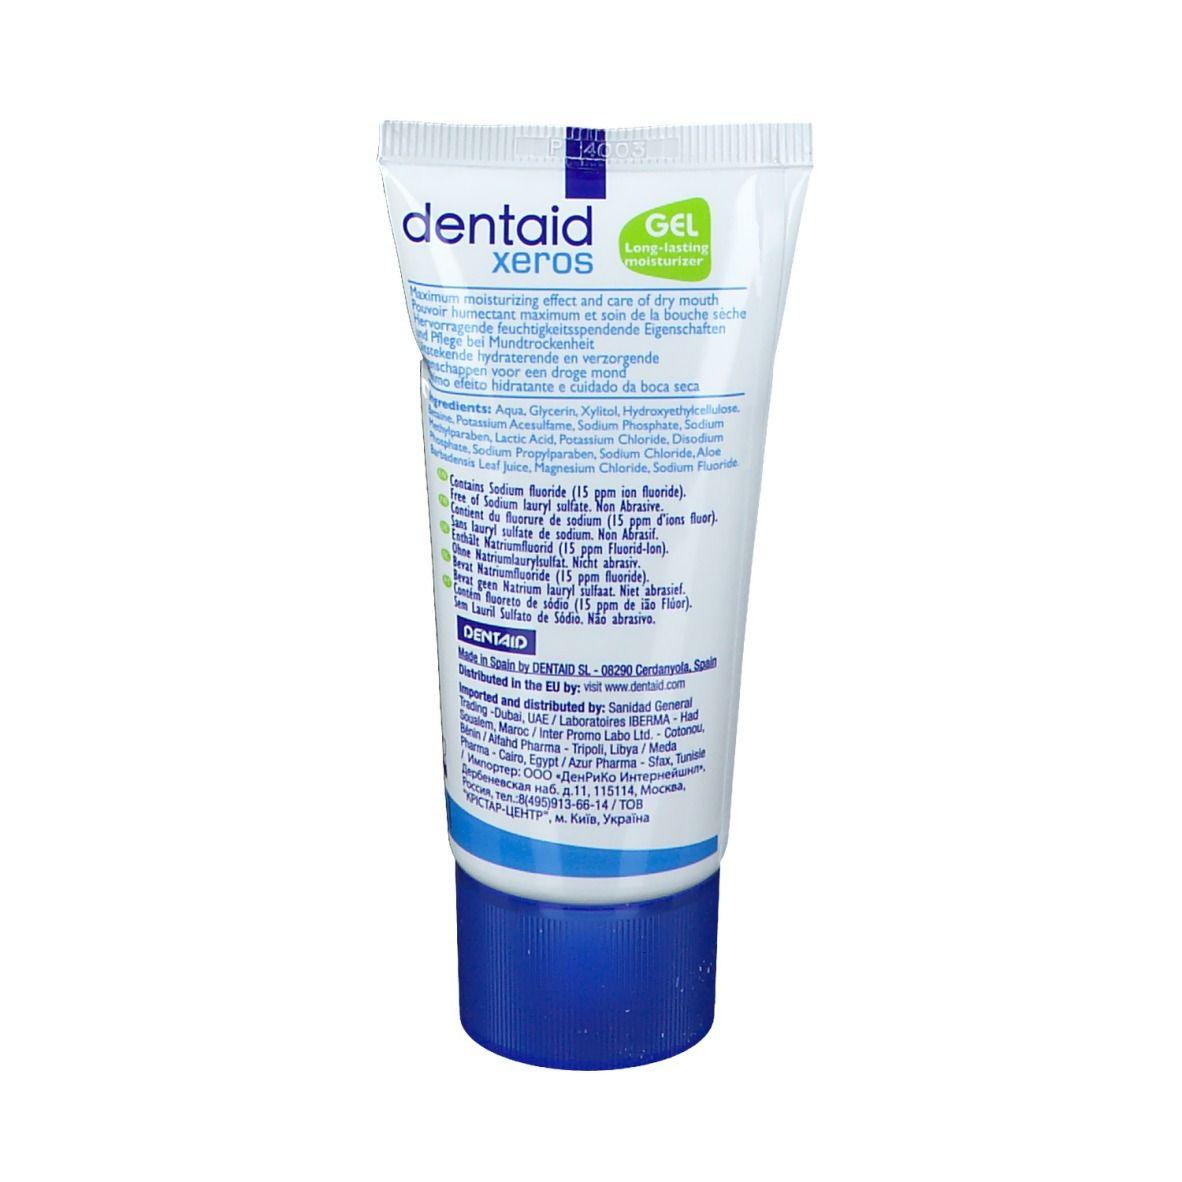 dentaid® xeros Feuchtigkeits-Gel